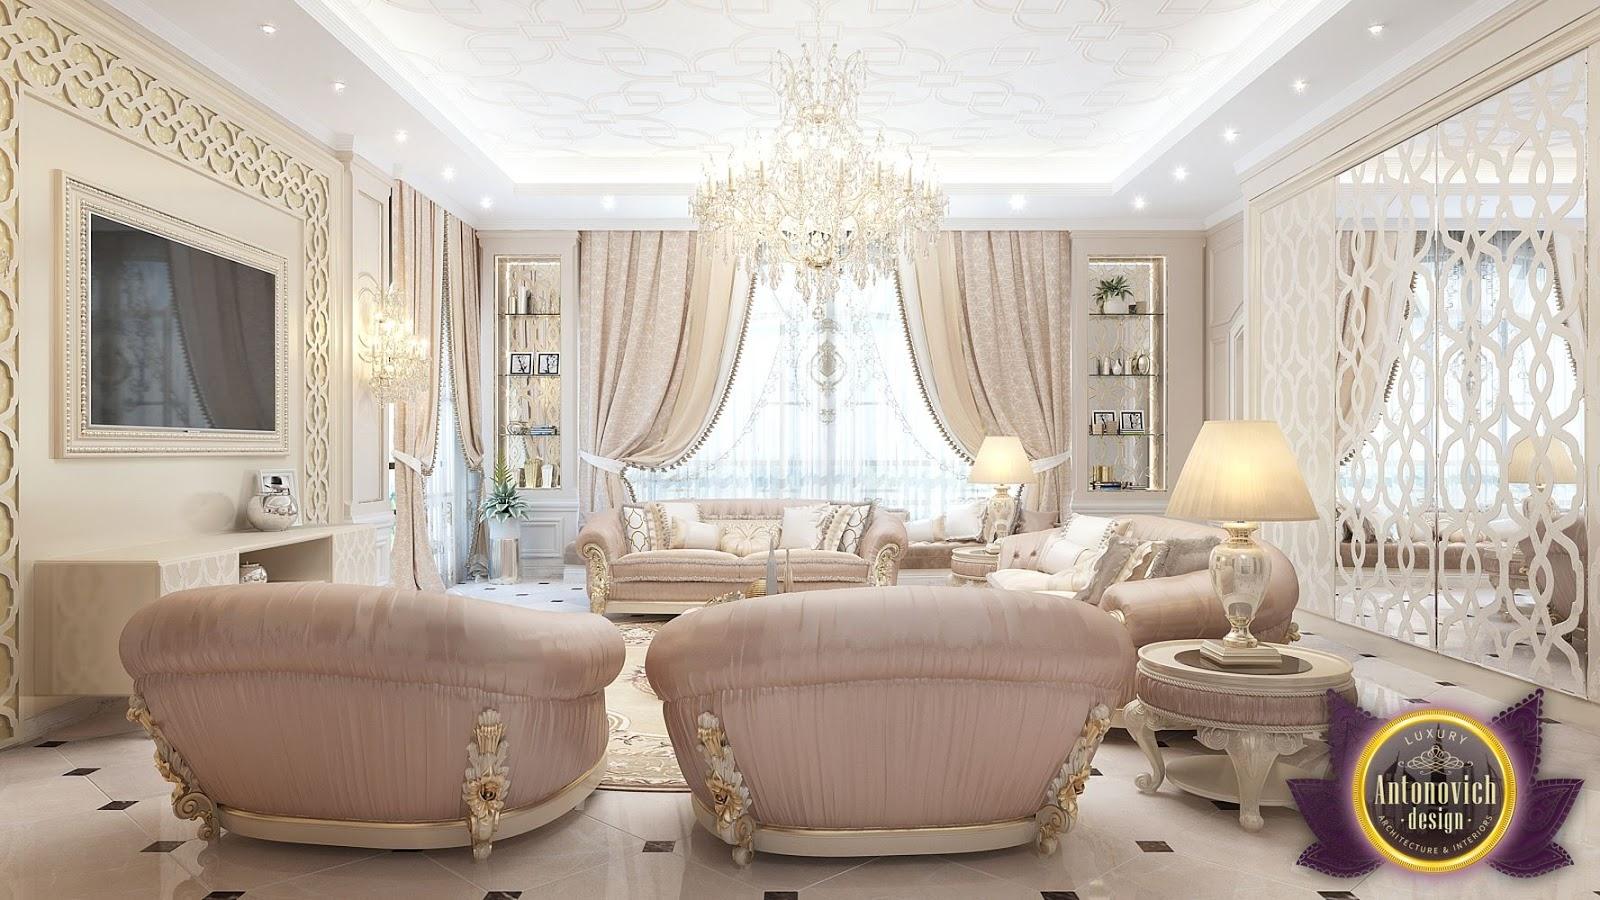 Nigeiradesign family living room design by katrina antonovich for Room decor 4u